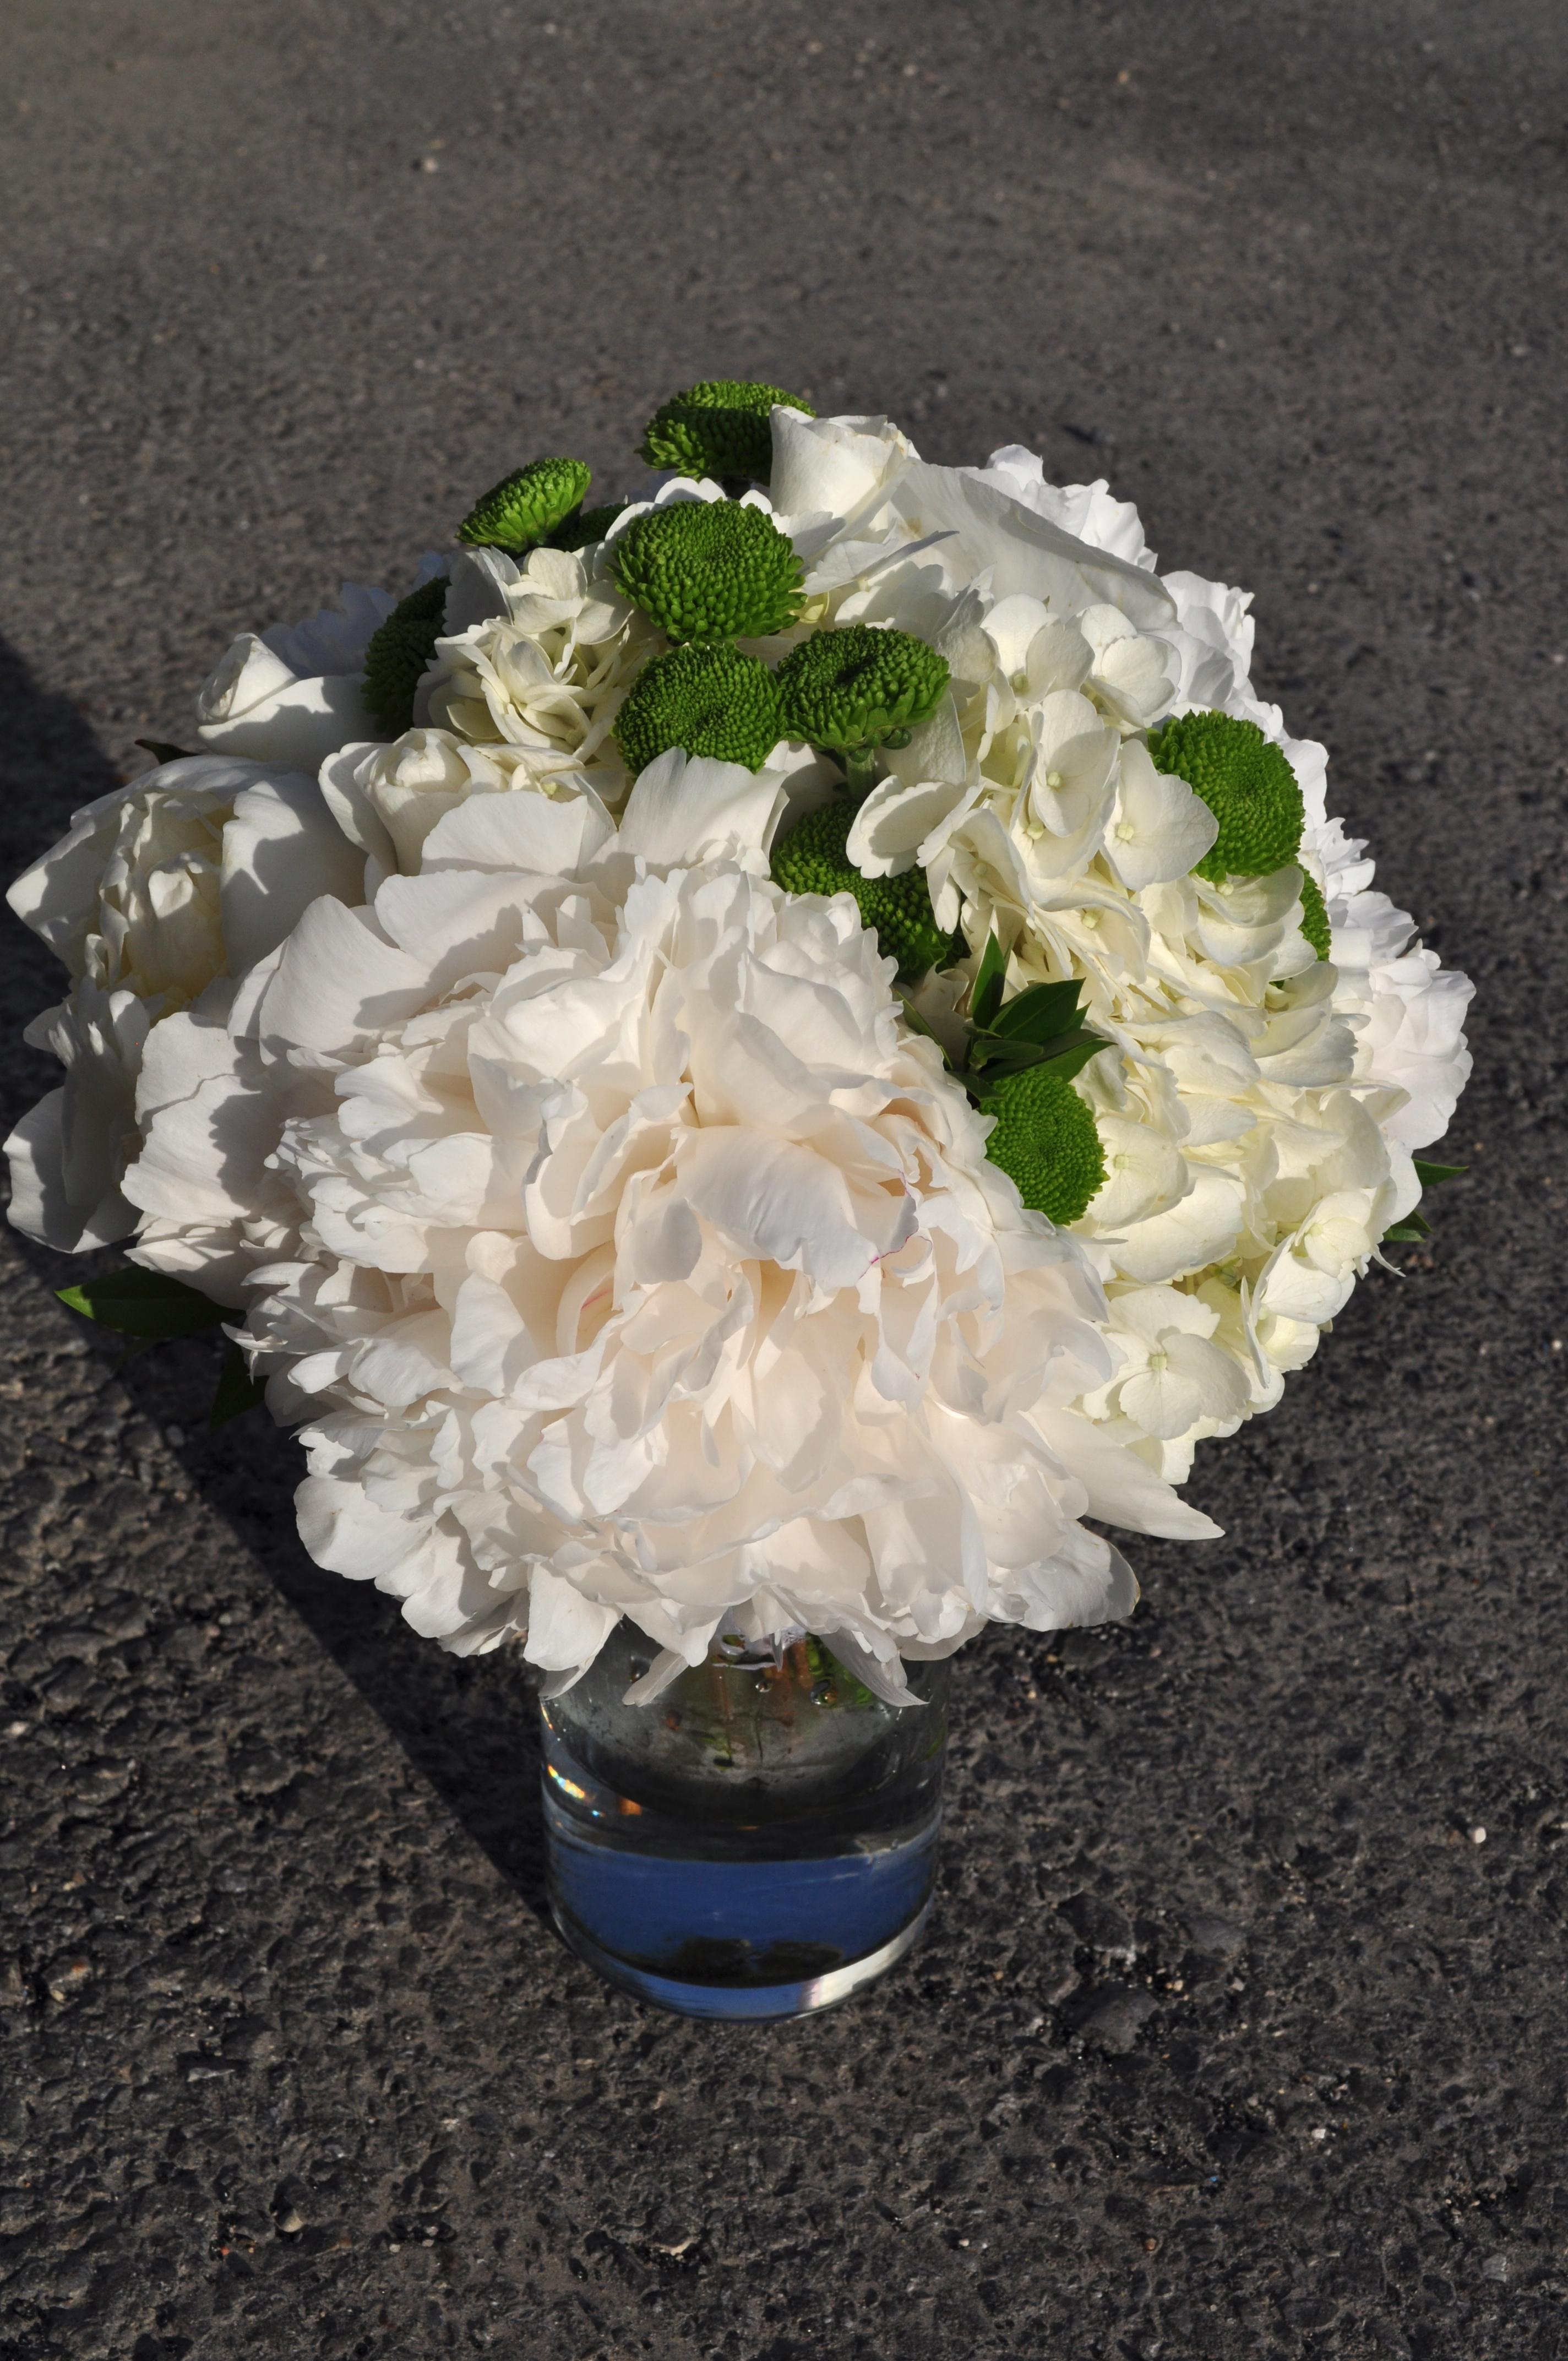 White & Green Hydrangea Bouquet